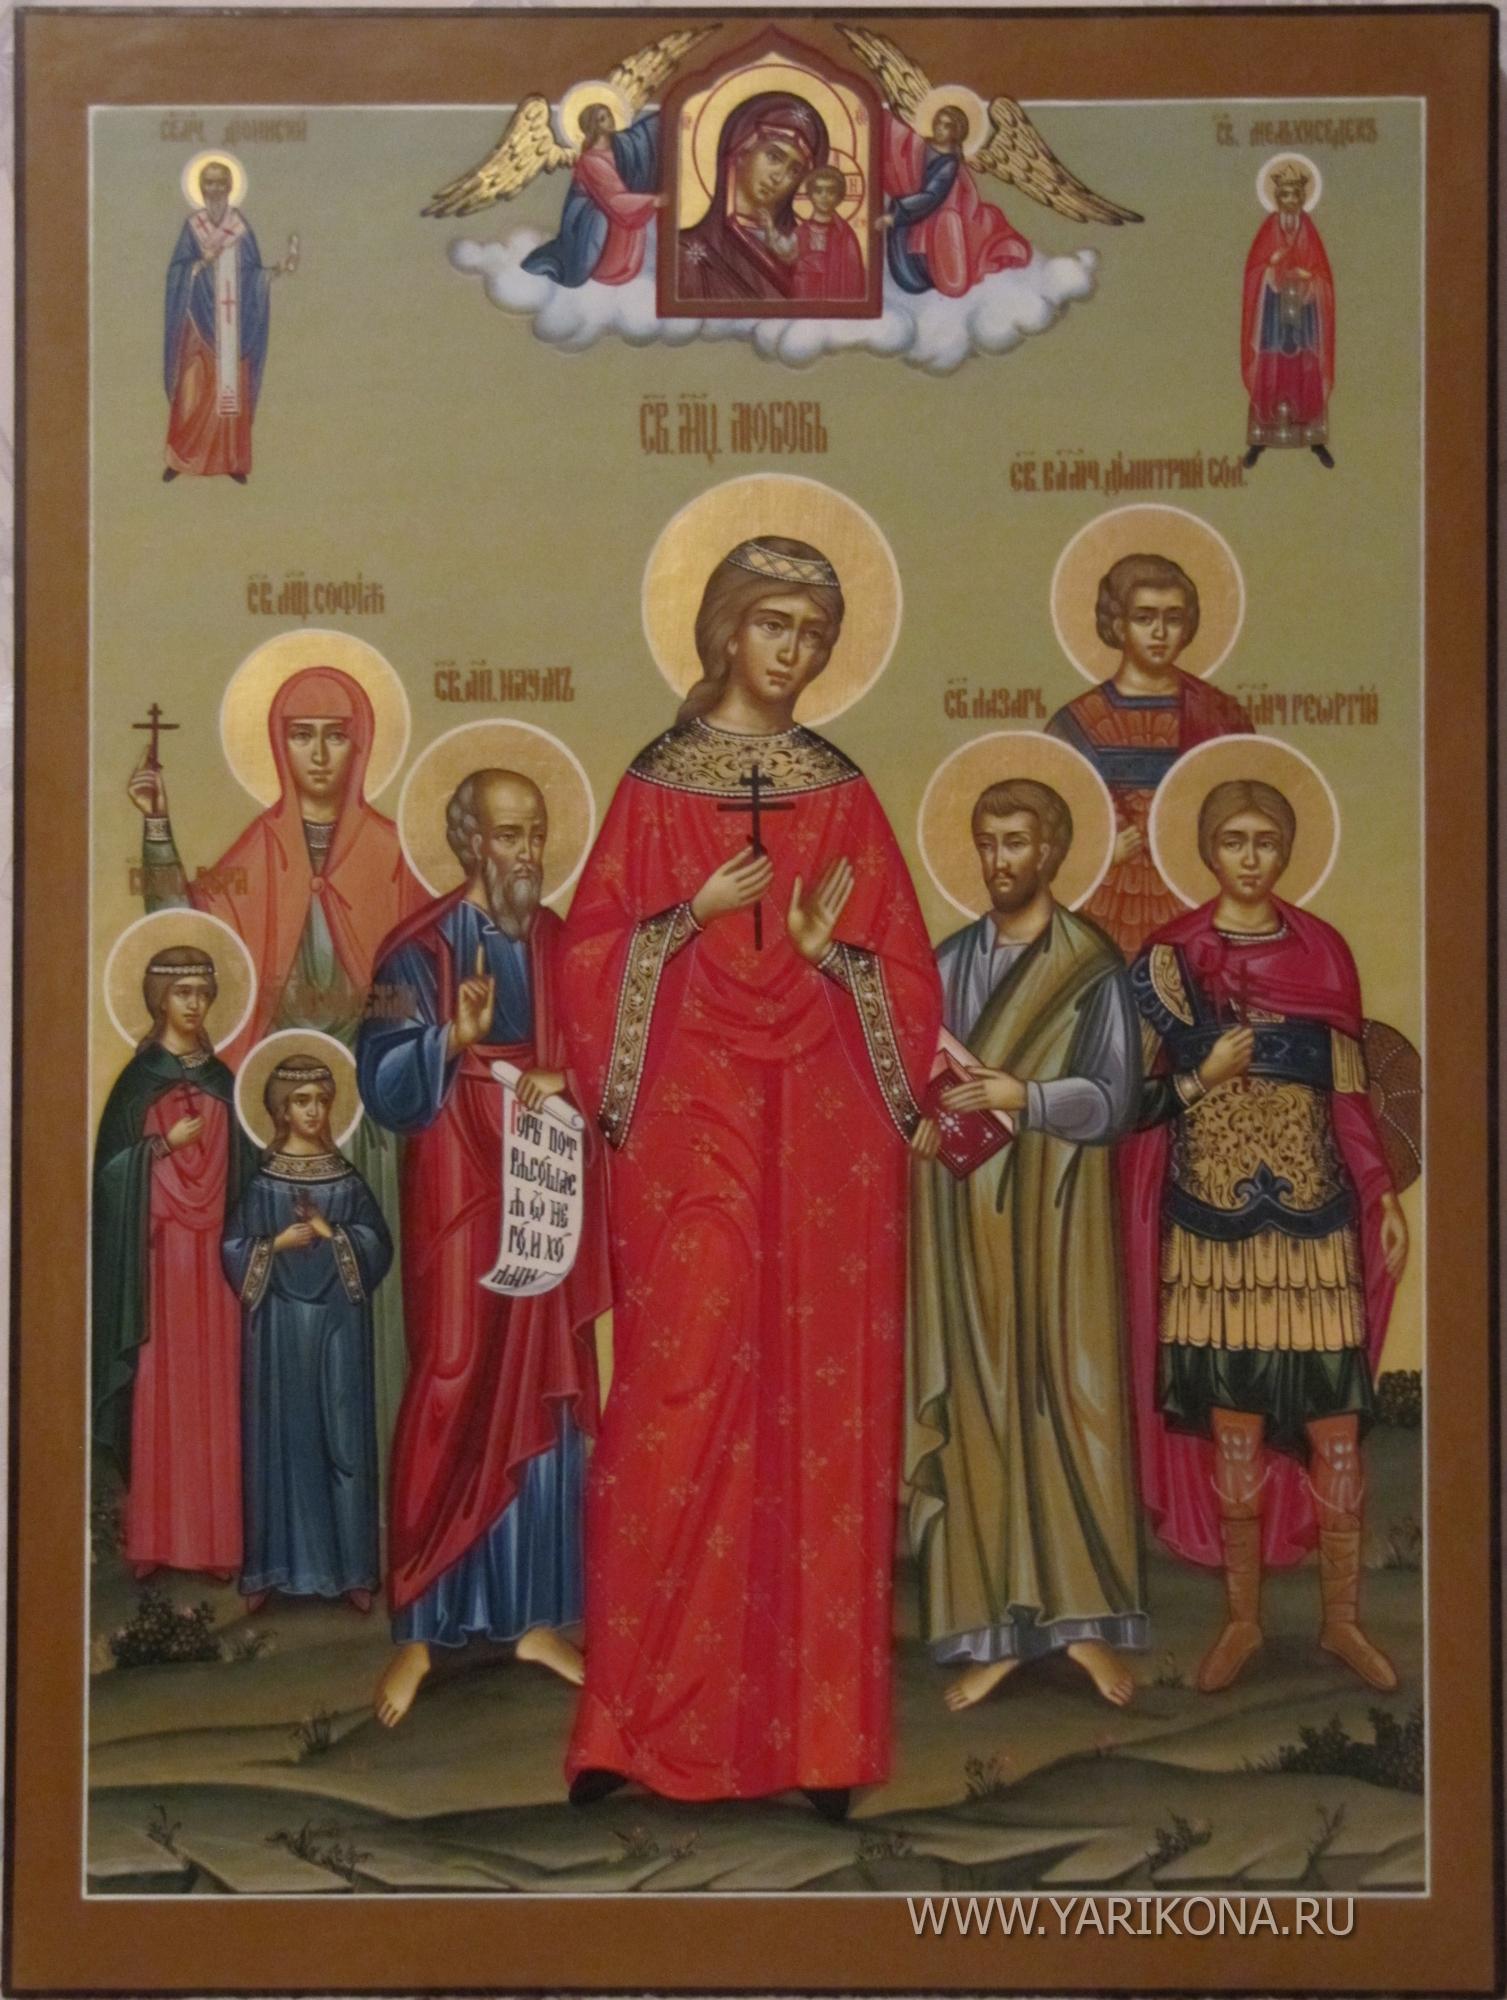 фото икона семейная